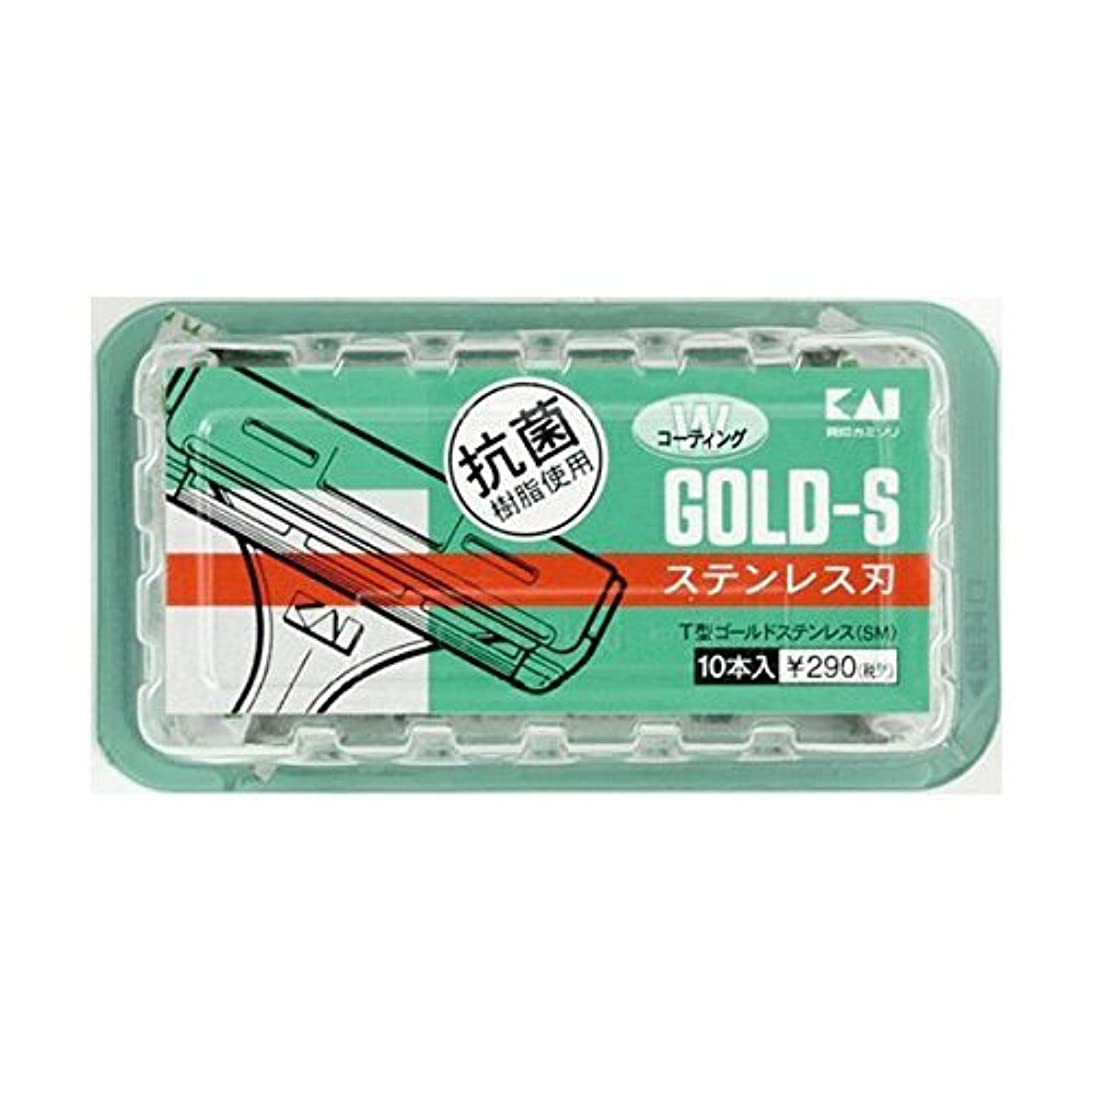 改革チャット値貝印 (業務用20セット) T型ゴールドステンレスSM10本